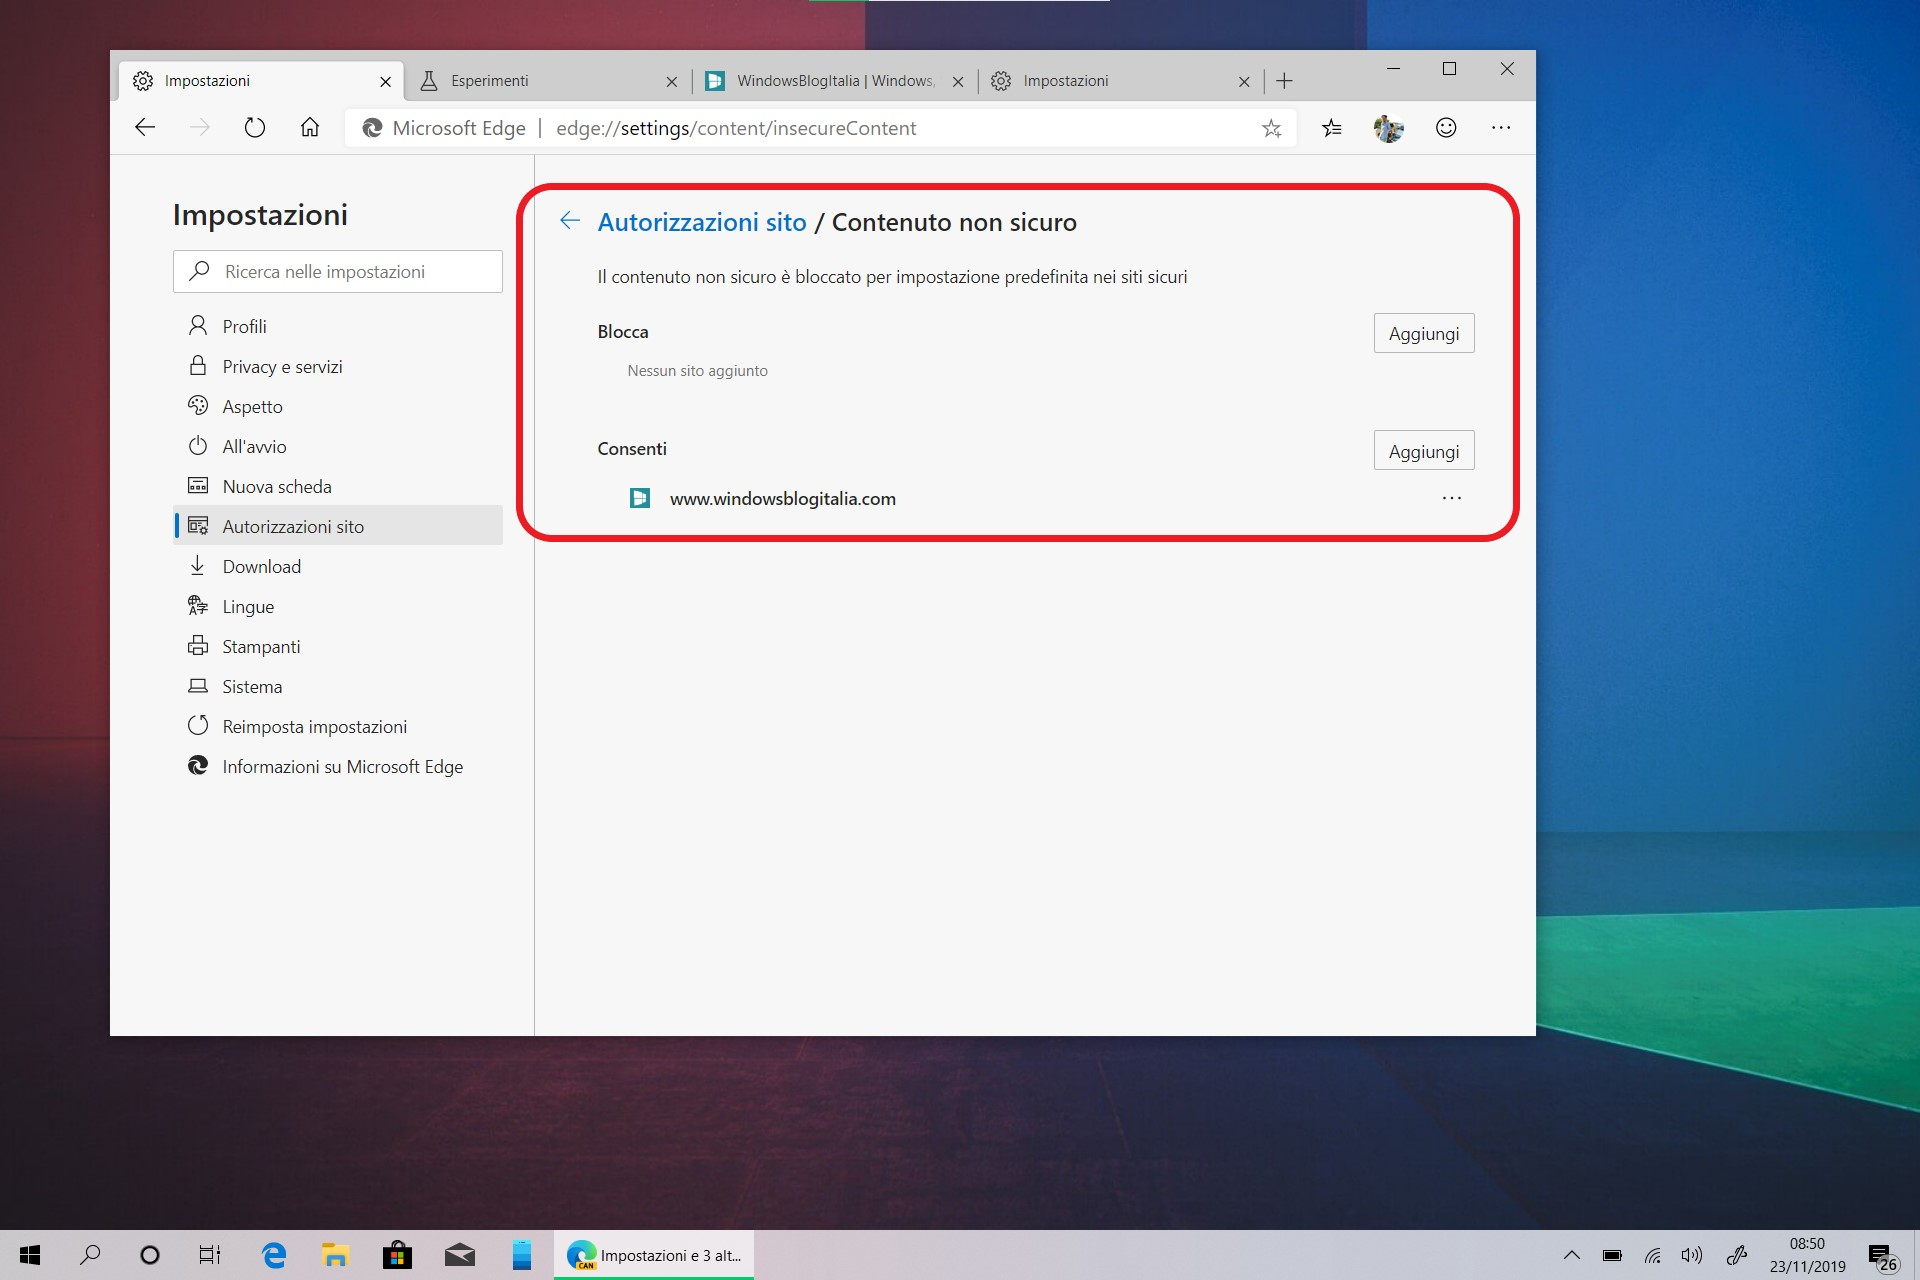 Microsoft Edge opzione contenuto non sicuro